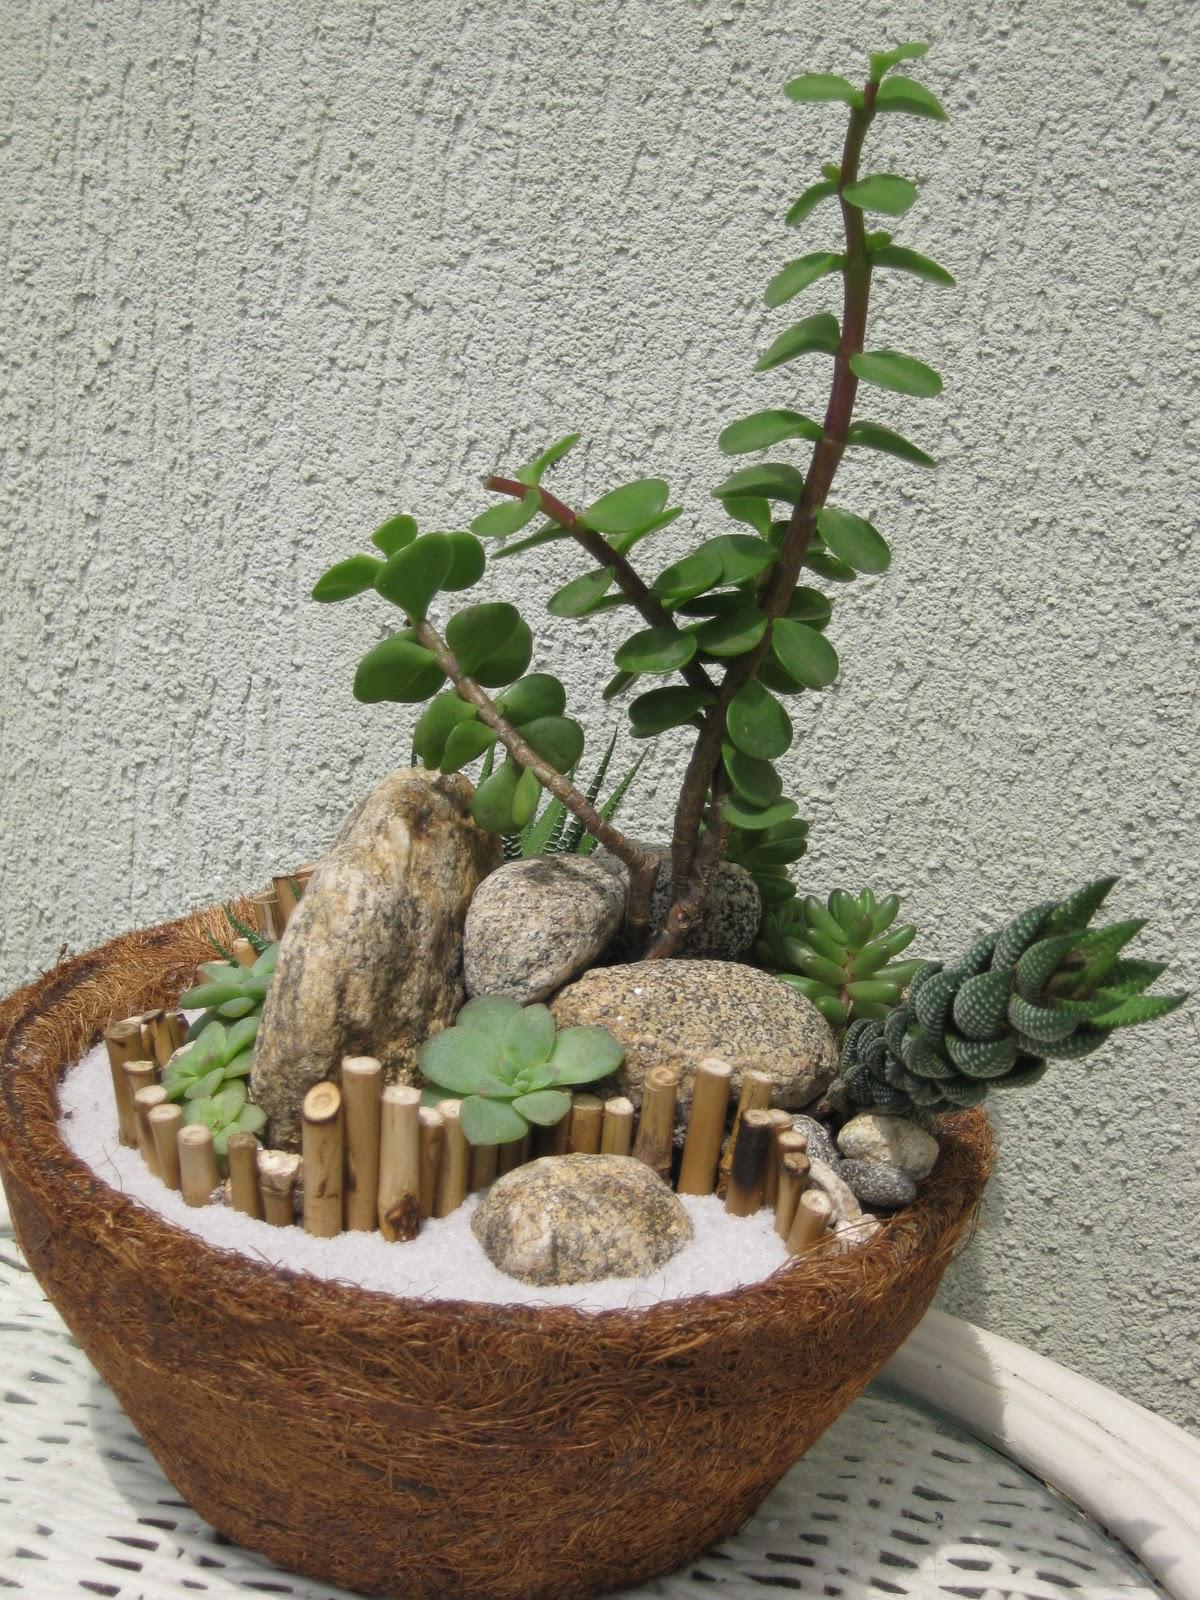 mini jardins em vidro : mini jardins em vidro:Claudio Lourenço Paisagismo: Mini-Jardins de Suculentas em Jarro de